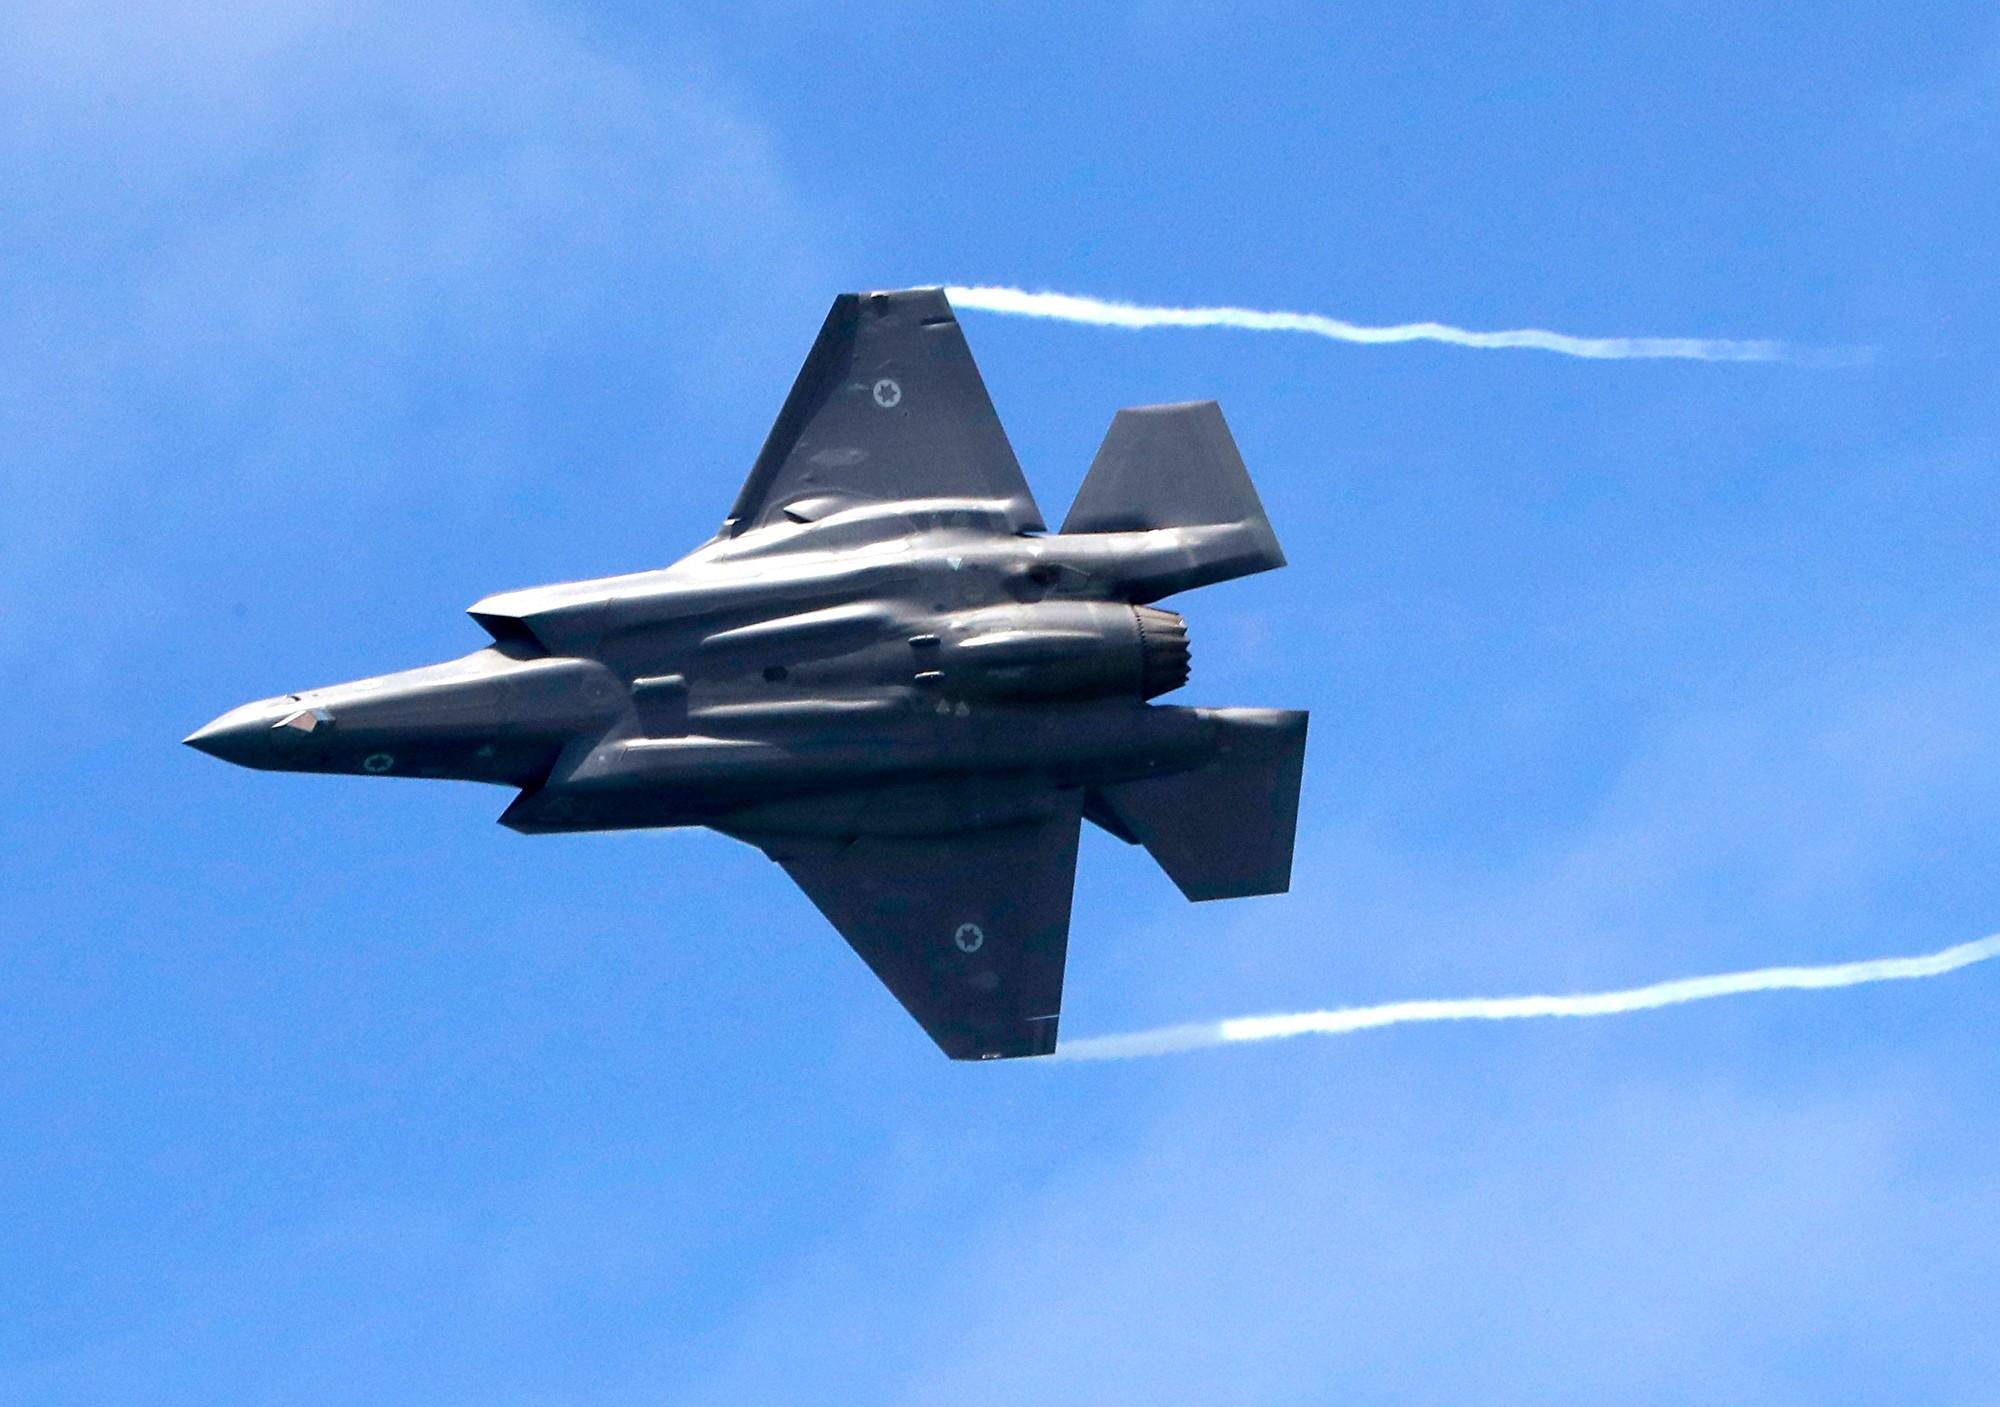 有消息指出,以色列出動F-35戰機在敘利亞和伊拉克邊境空襲伊朗支持的民兵組織。圖為2019年5月9日,以色列一架F-35戰機飛行於特拉維夫(Tel Aviv)上空。(JACK GUEZ/AFP via Getty Images)